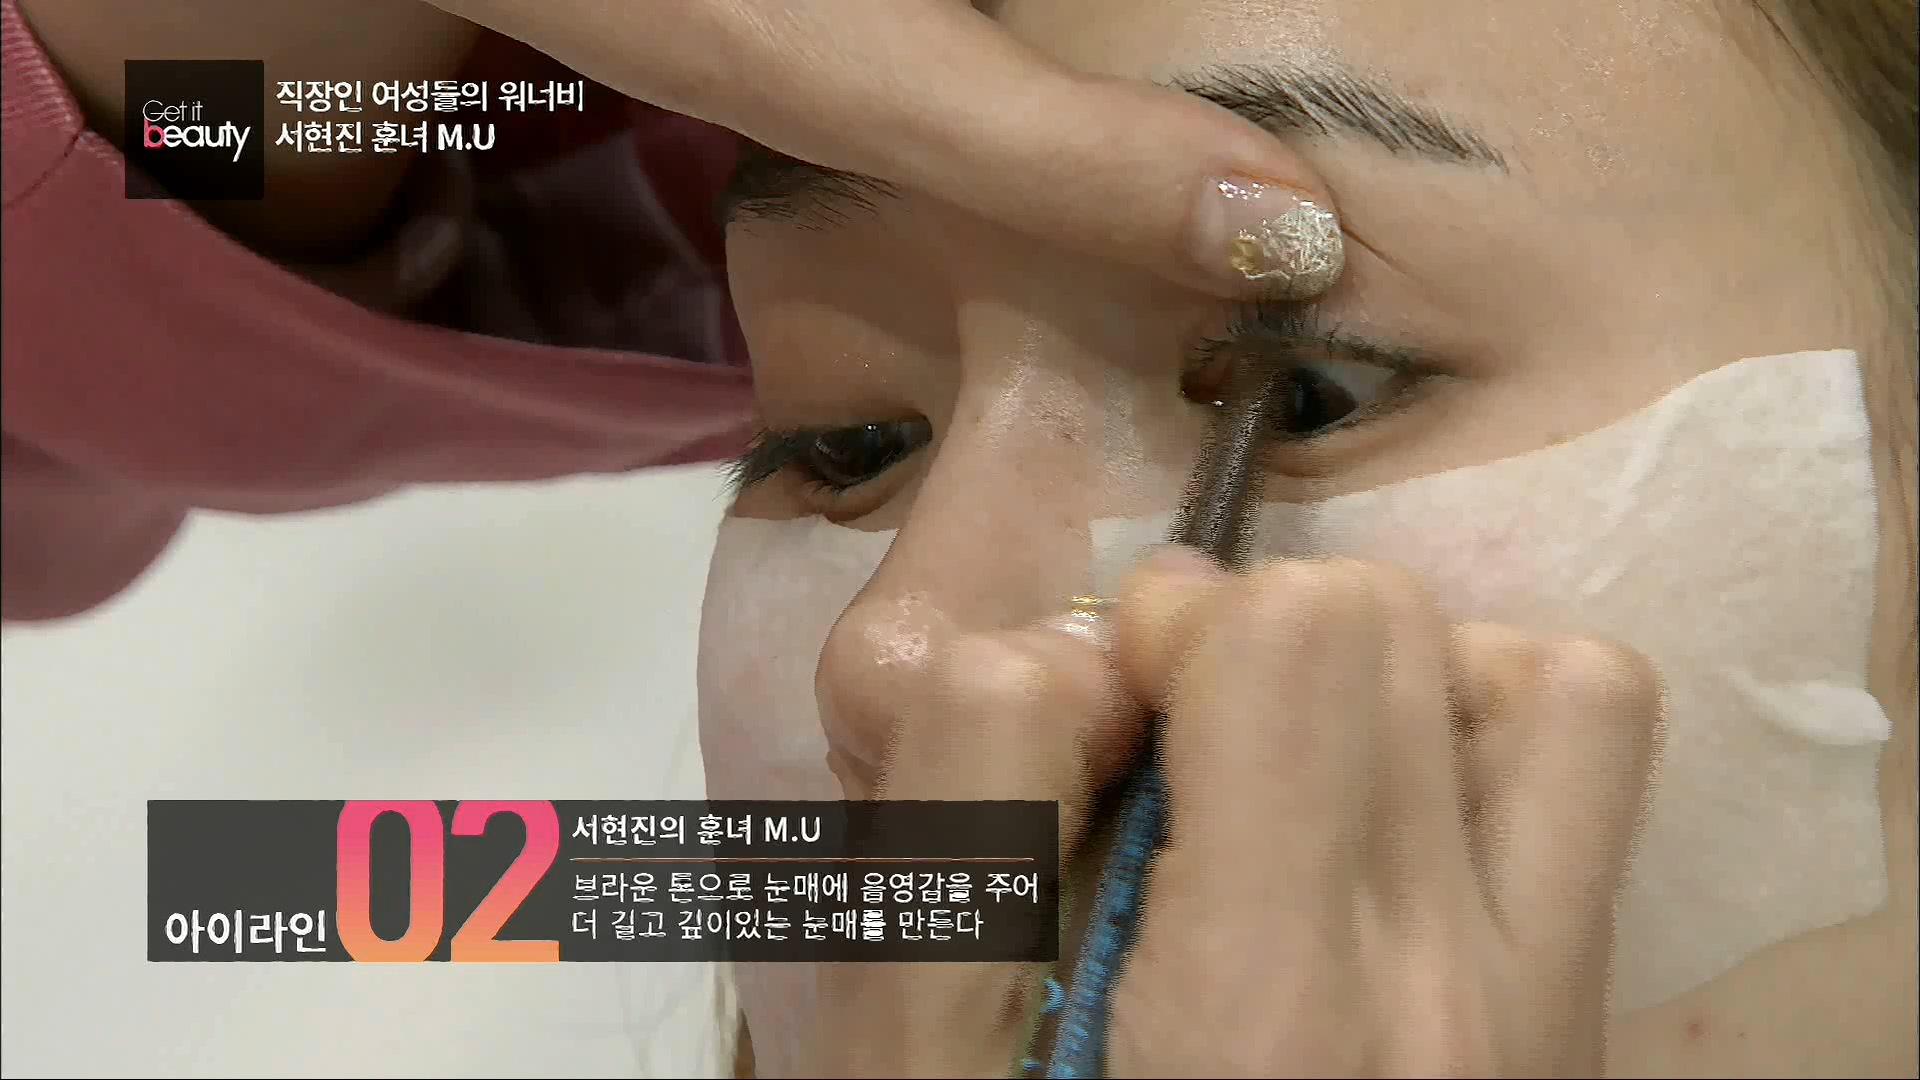 서현진의 훈녀 M.U #아이라인 브라운 톤으로 눈매에 음영감을 주어 더 길고 깊이있는 눈매를 만든다